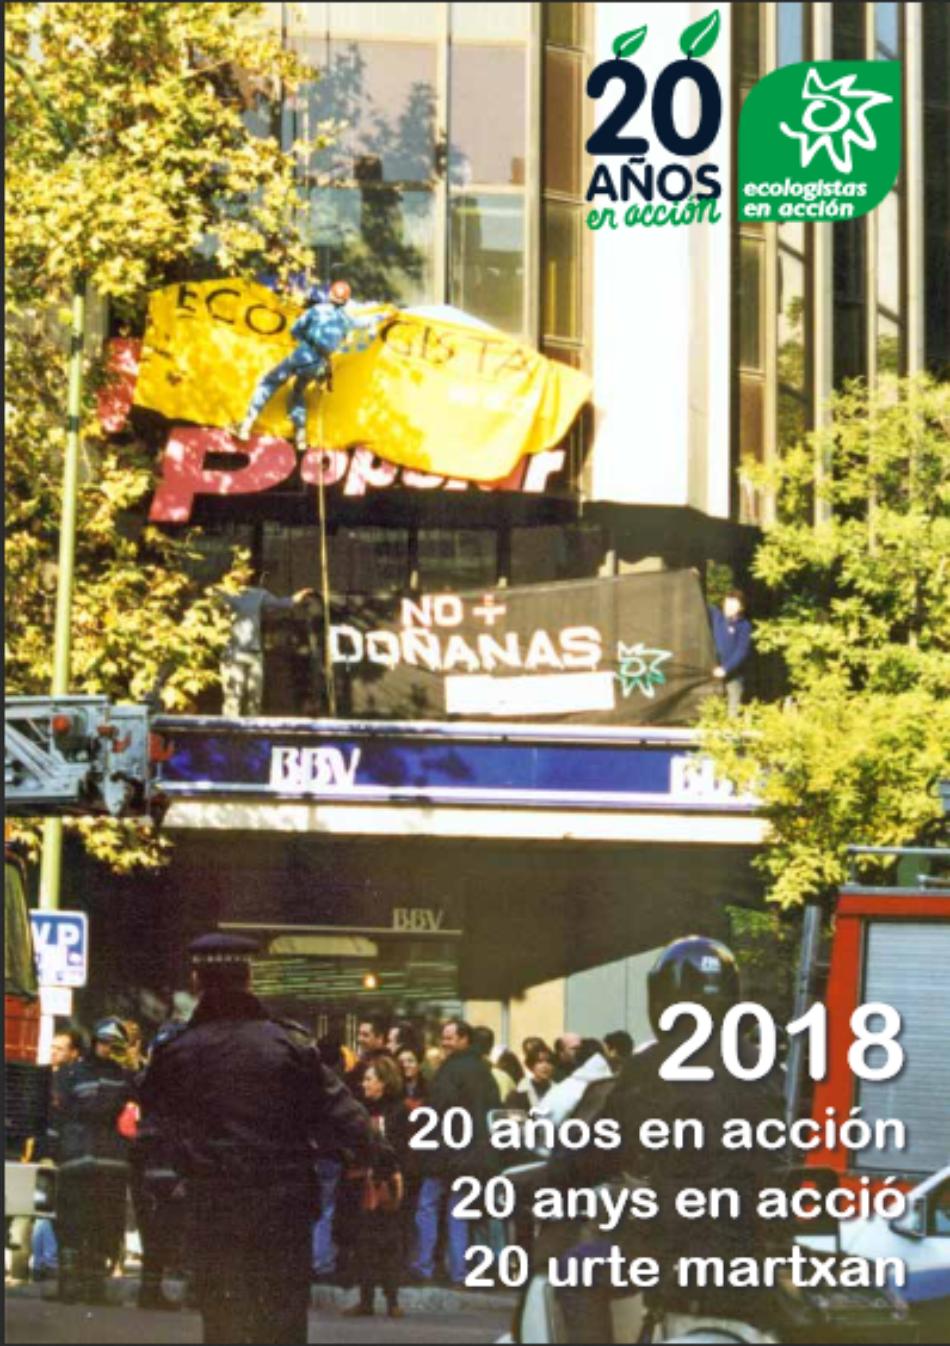 Días y eventos sobre ecología y medio ambiente: de octubre 2018 a septiembre 2019